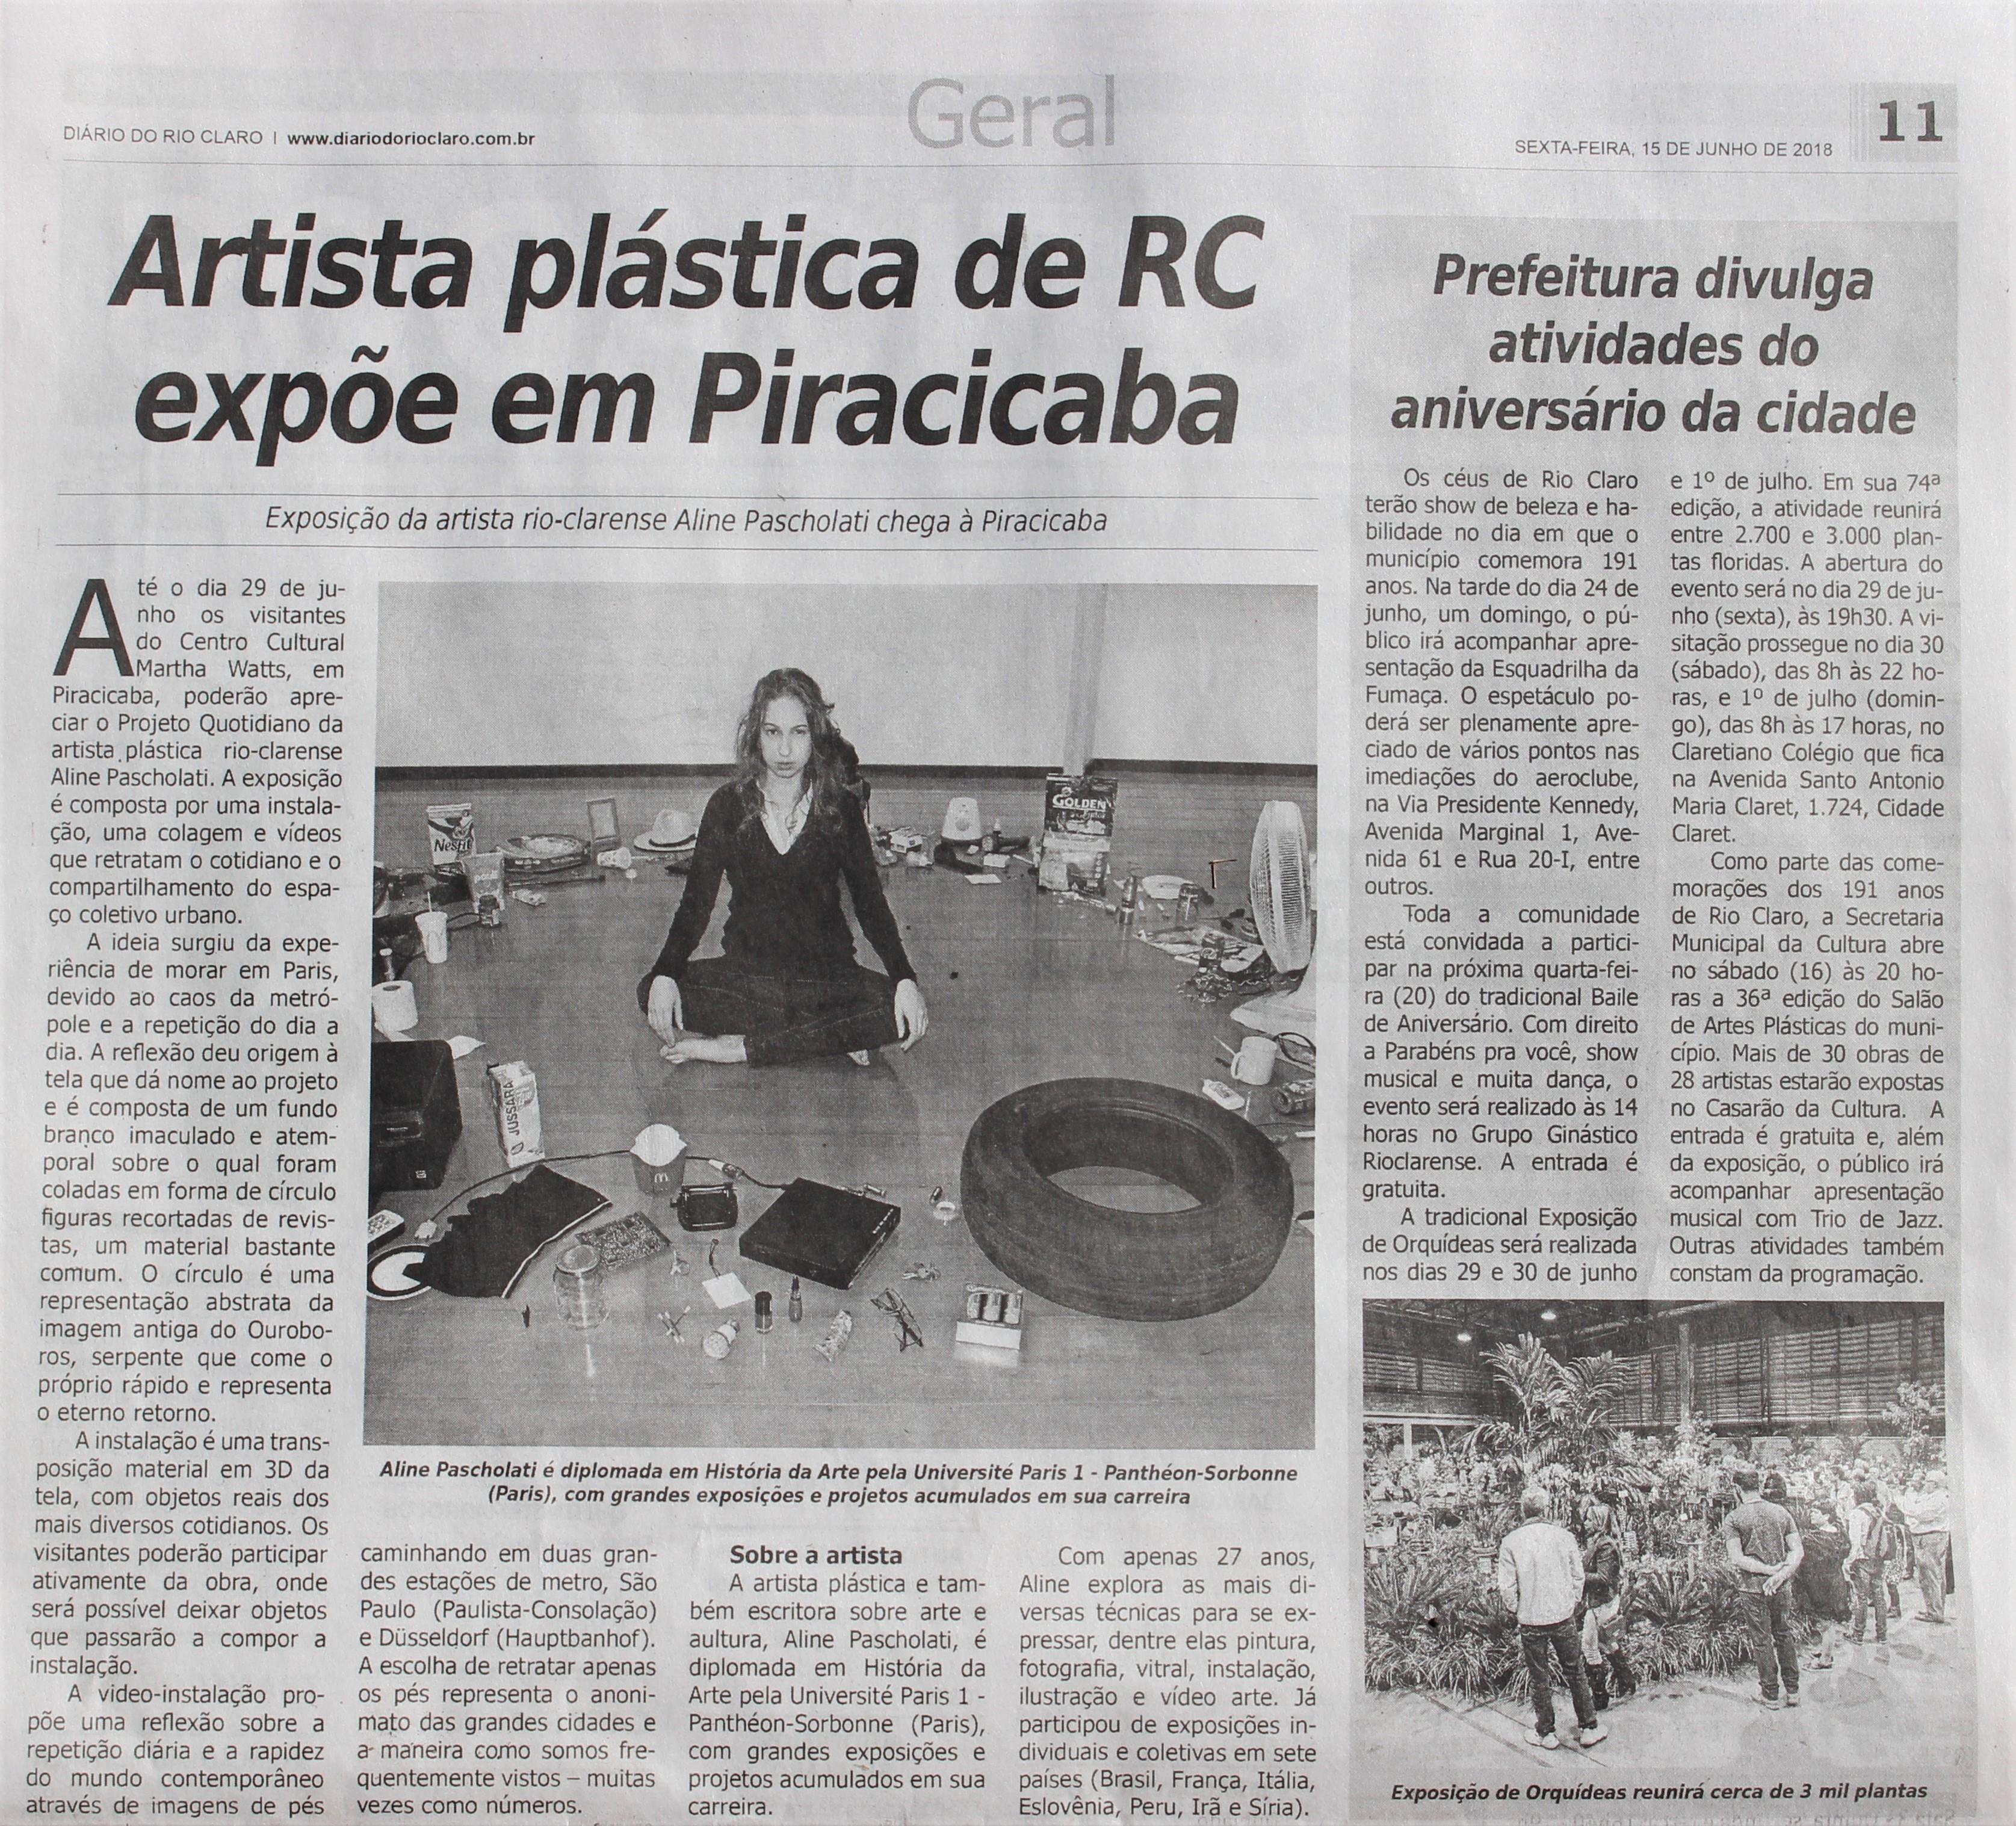 Diário do Rio Claro